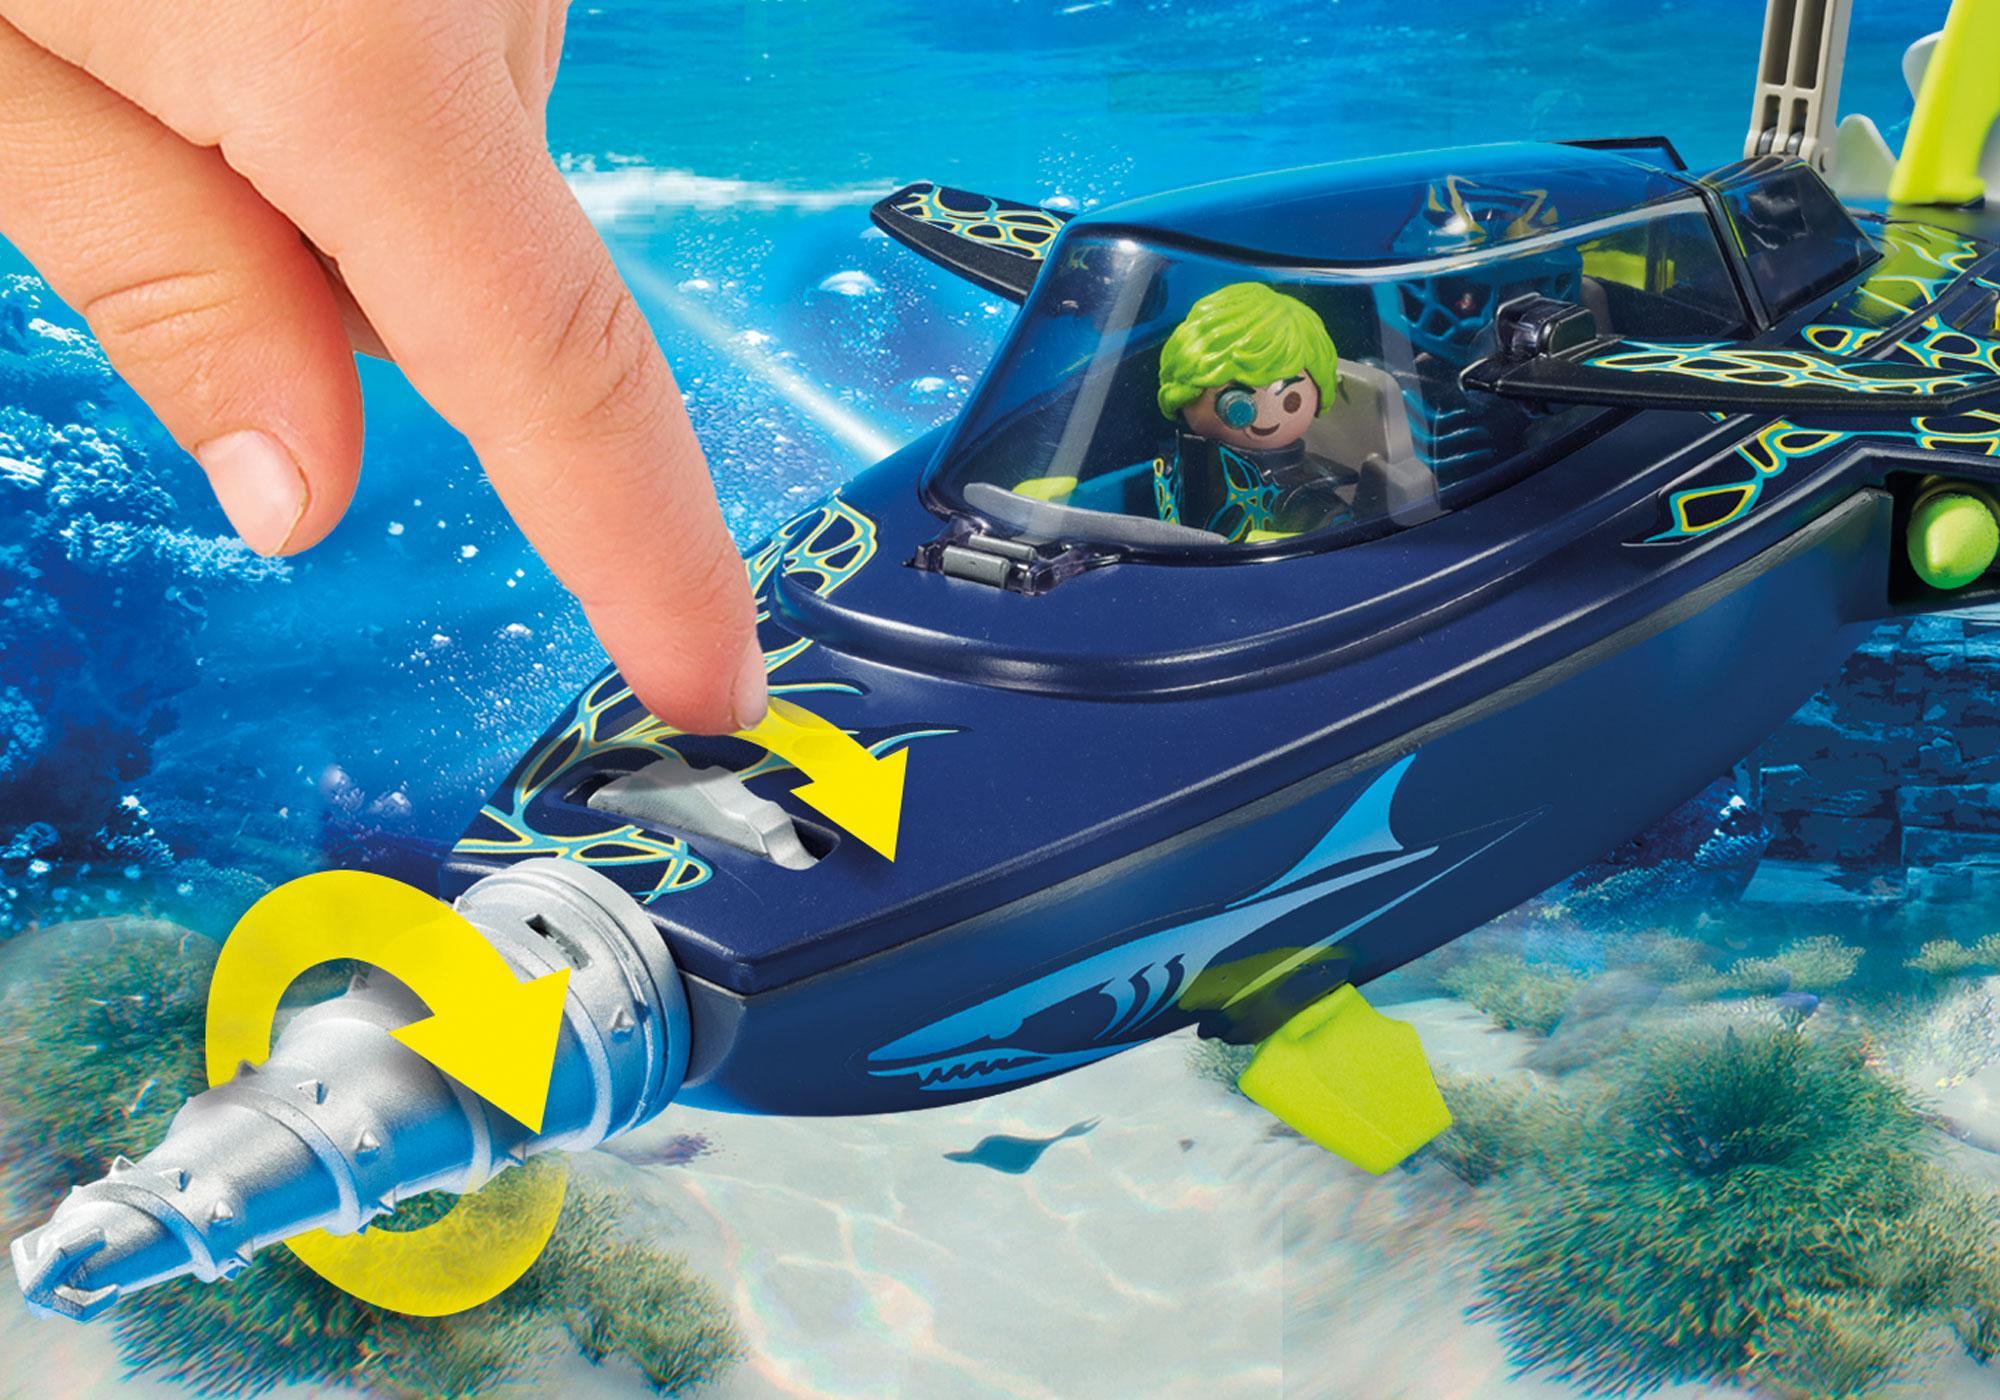 http://media.playmobil.com/i/playmobil/70005_product_extra4/Sottomarino da assalto del Team S.H.A.R.K.